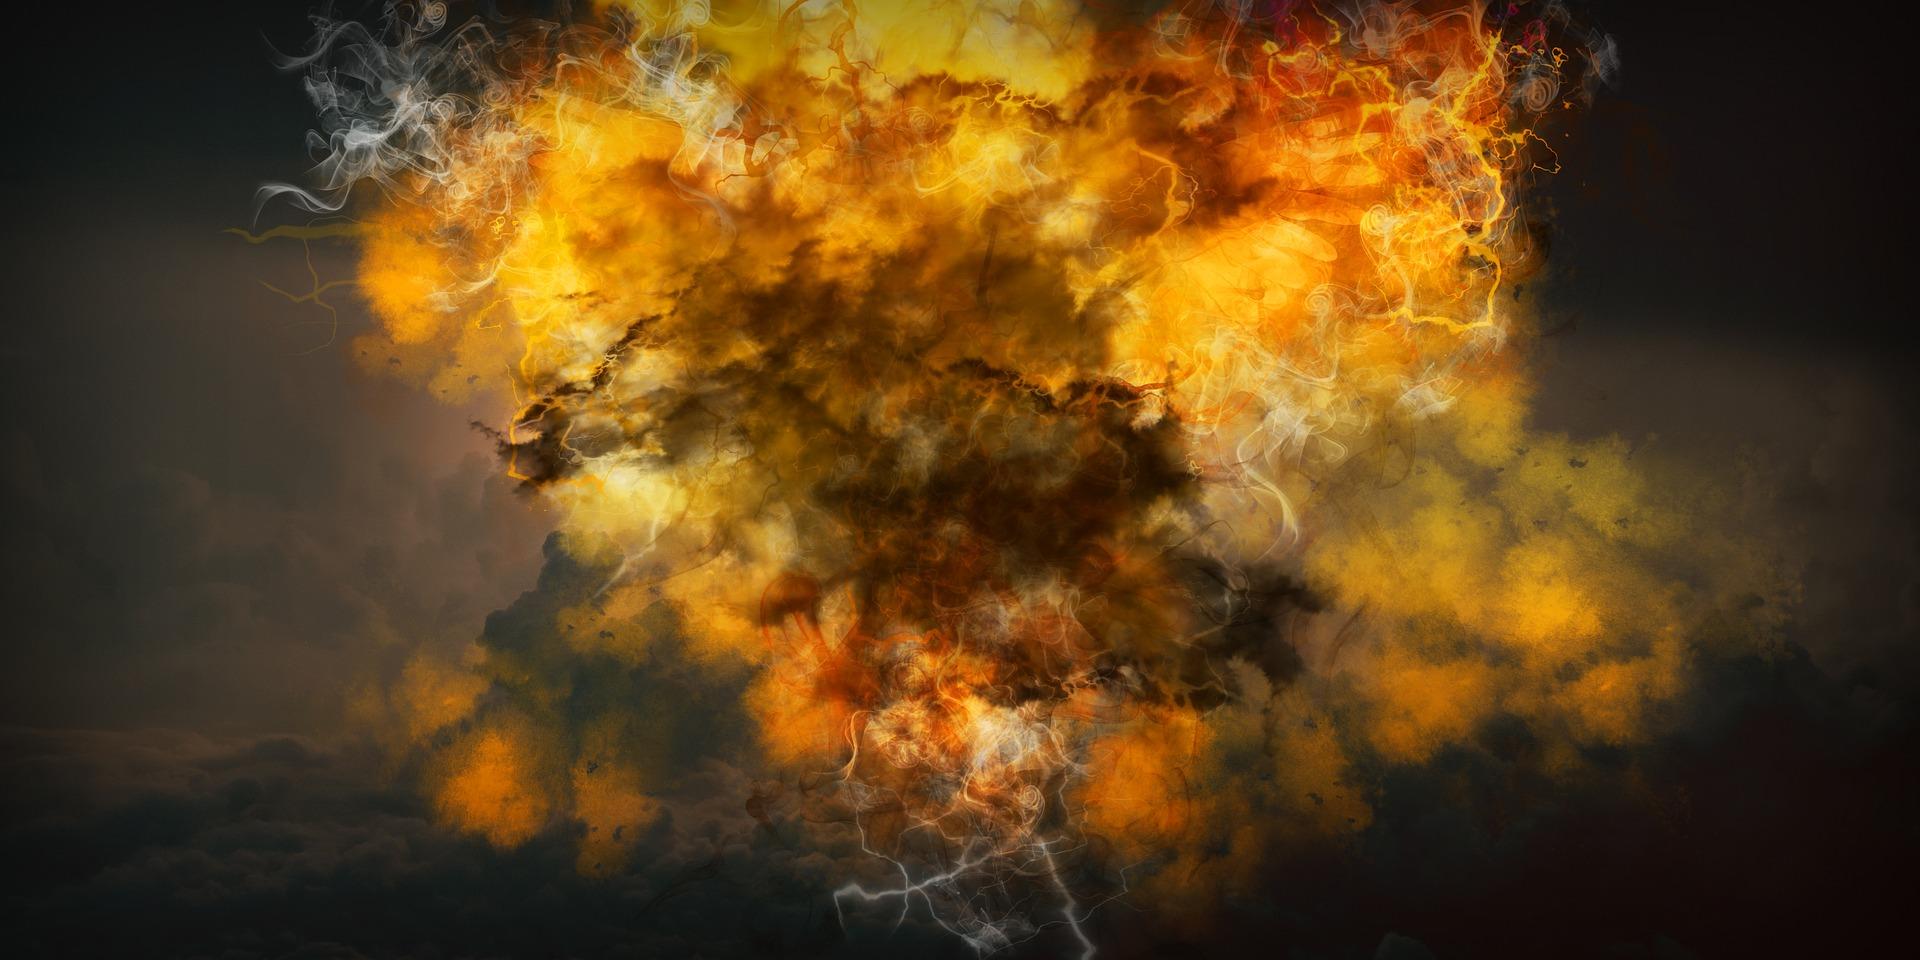 Antimateria e materia: perché l'universo non si è annichilito